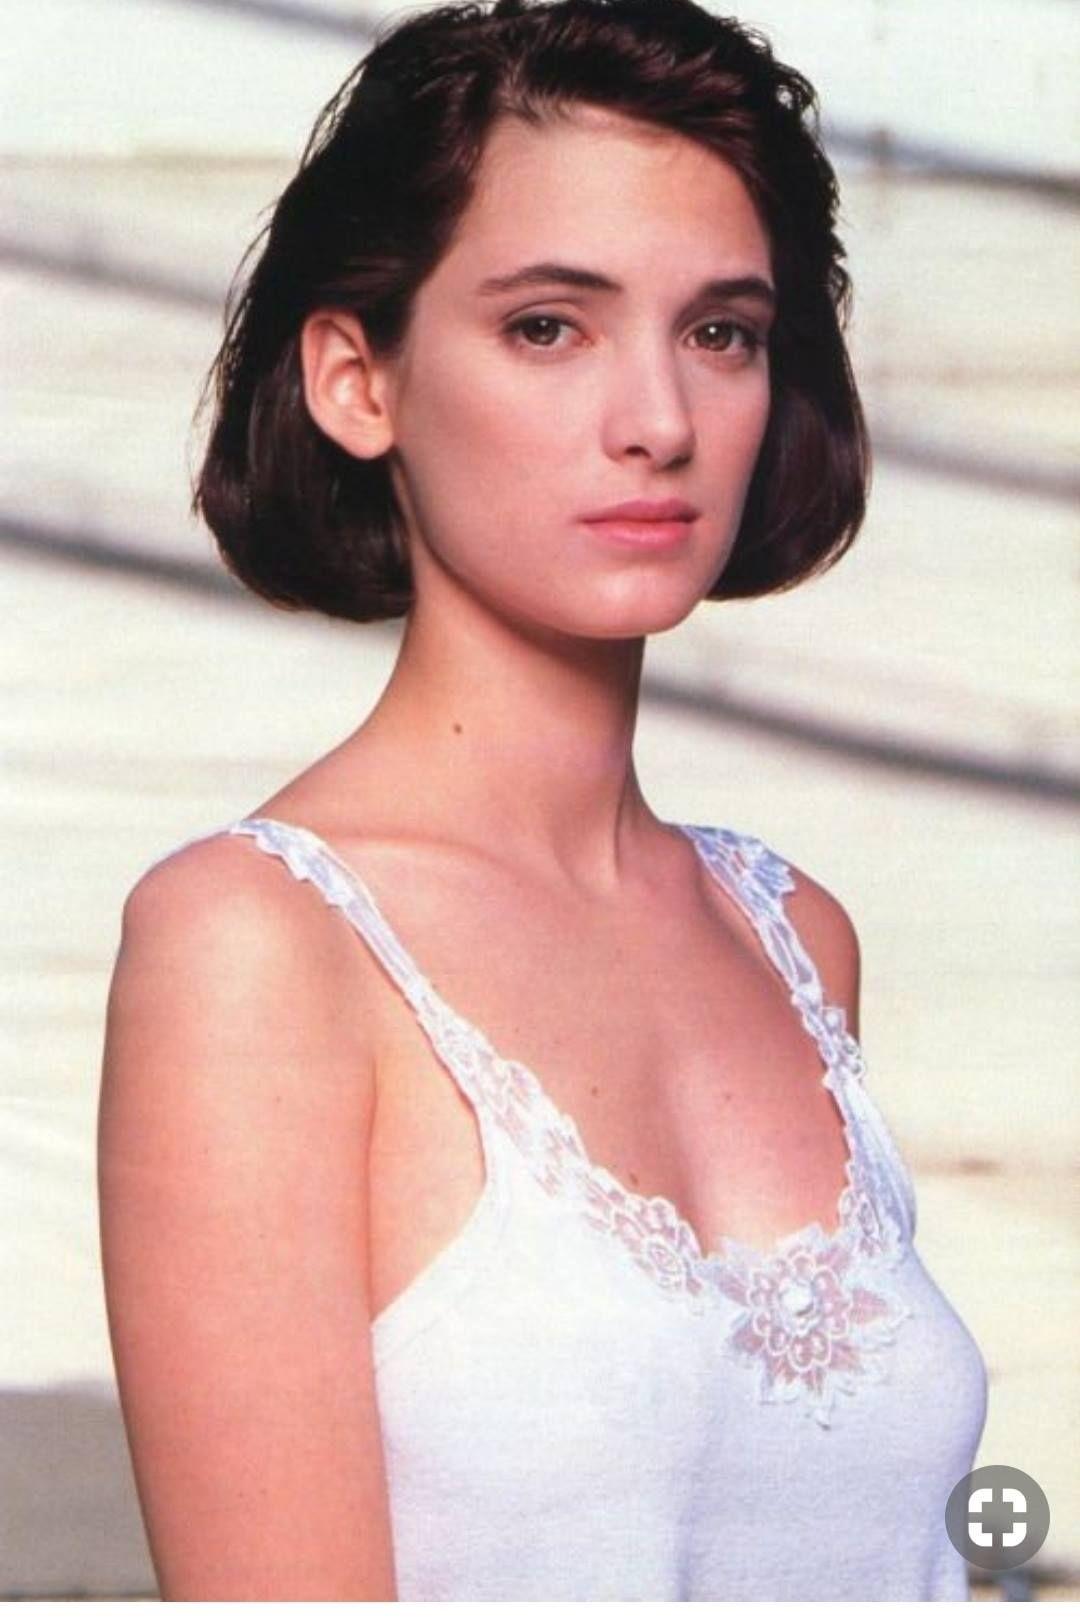 Photo of Winona Ryder, 1989.